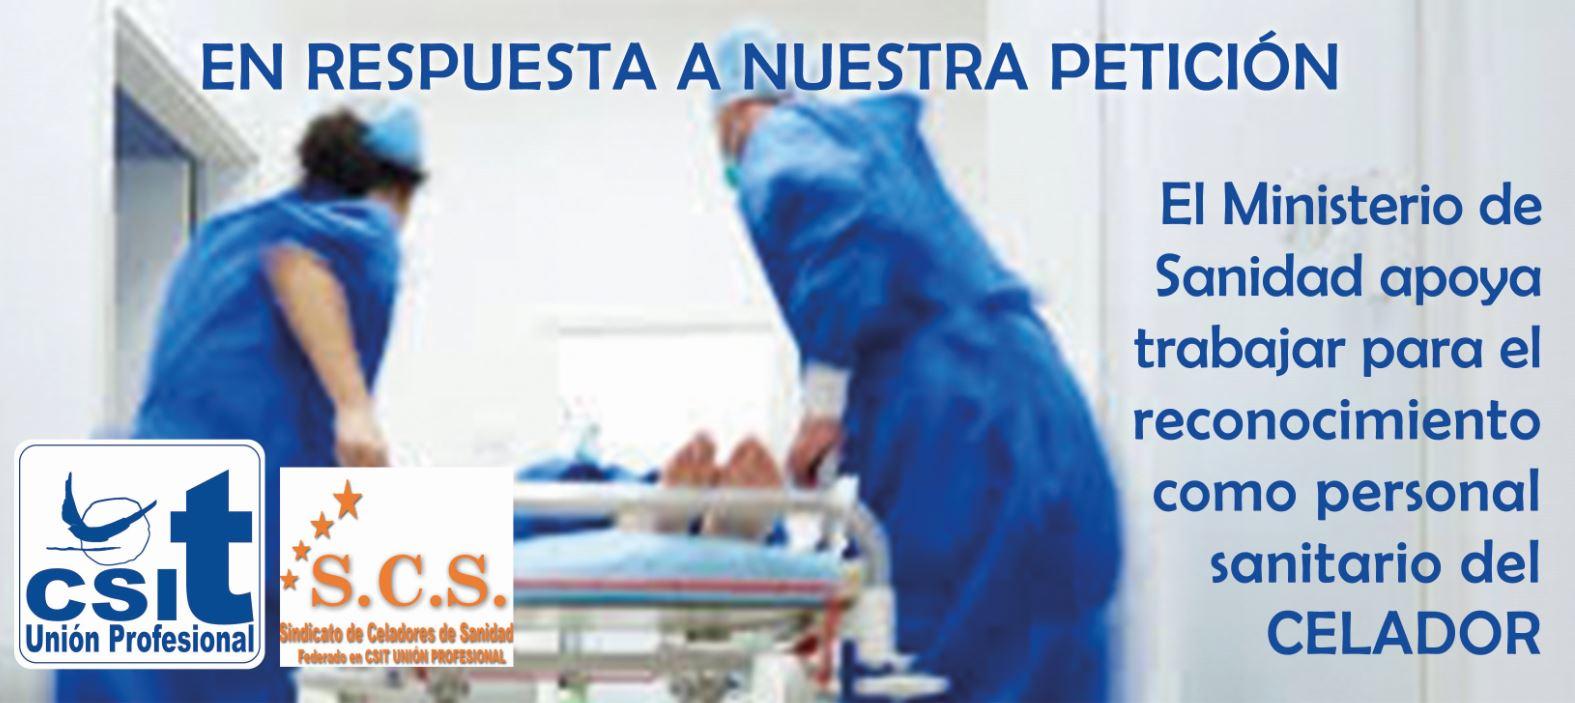 En respuesta a nuestra petición, el Ministerio de Sanidad apoya trabajar para el reconocimiento como personal sanitario del celador